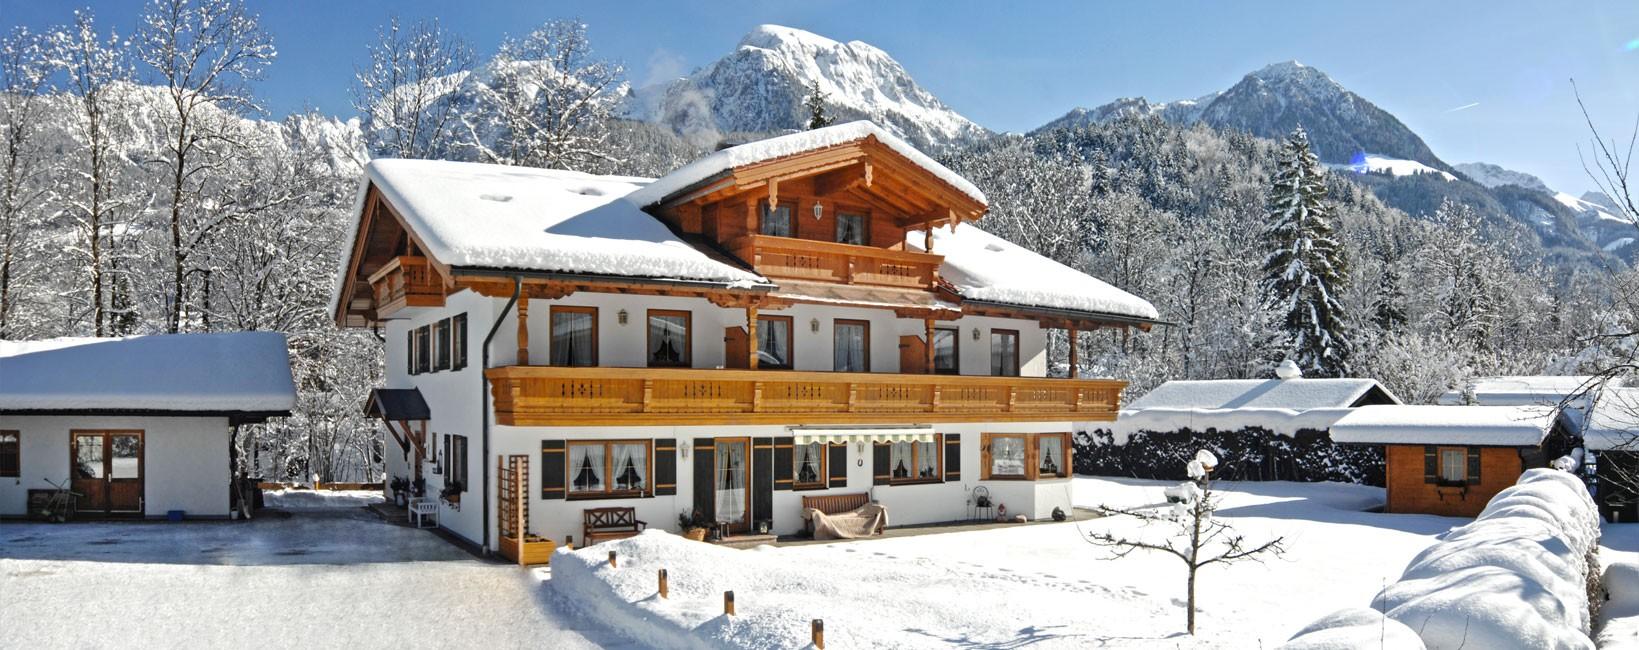 Landhaus Eschenbach im Winter